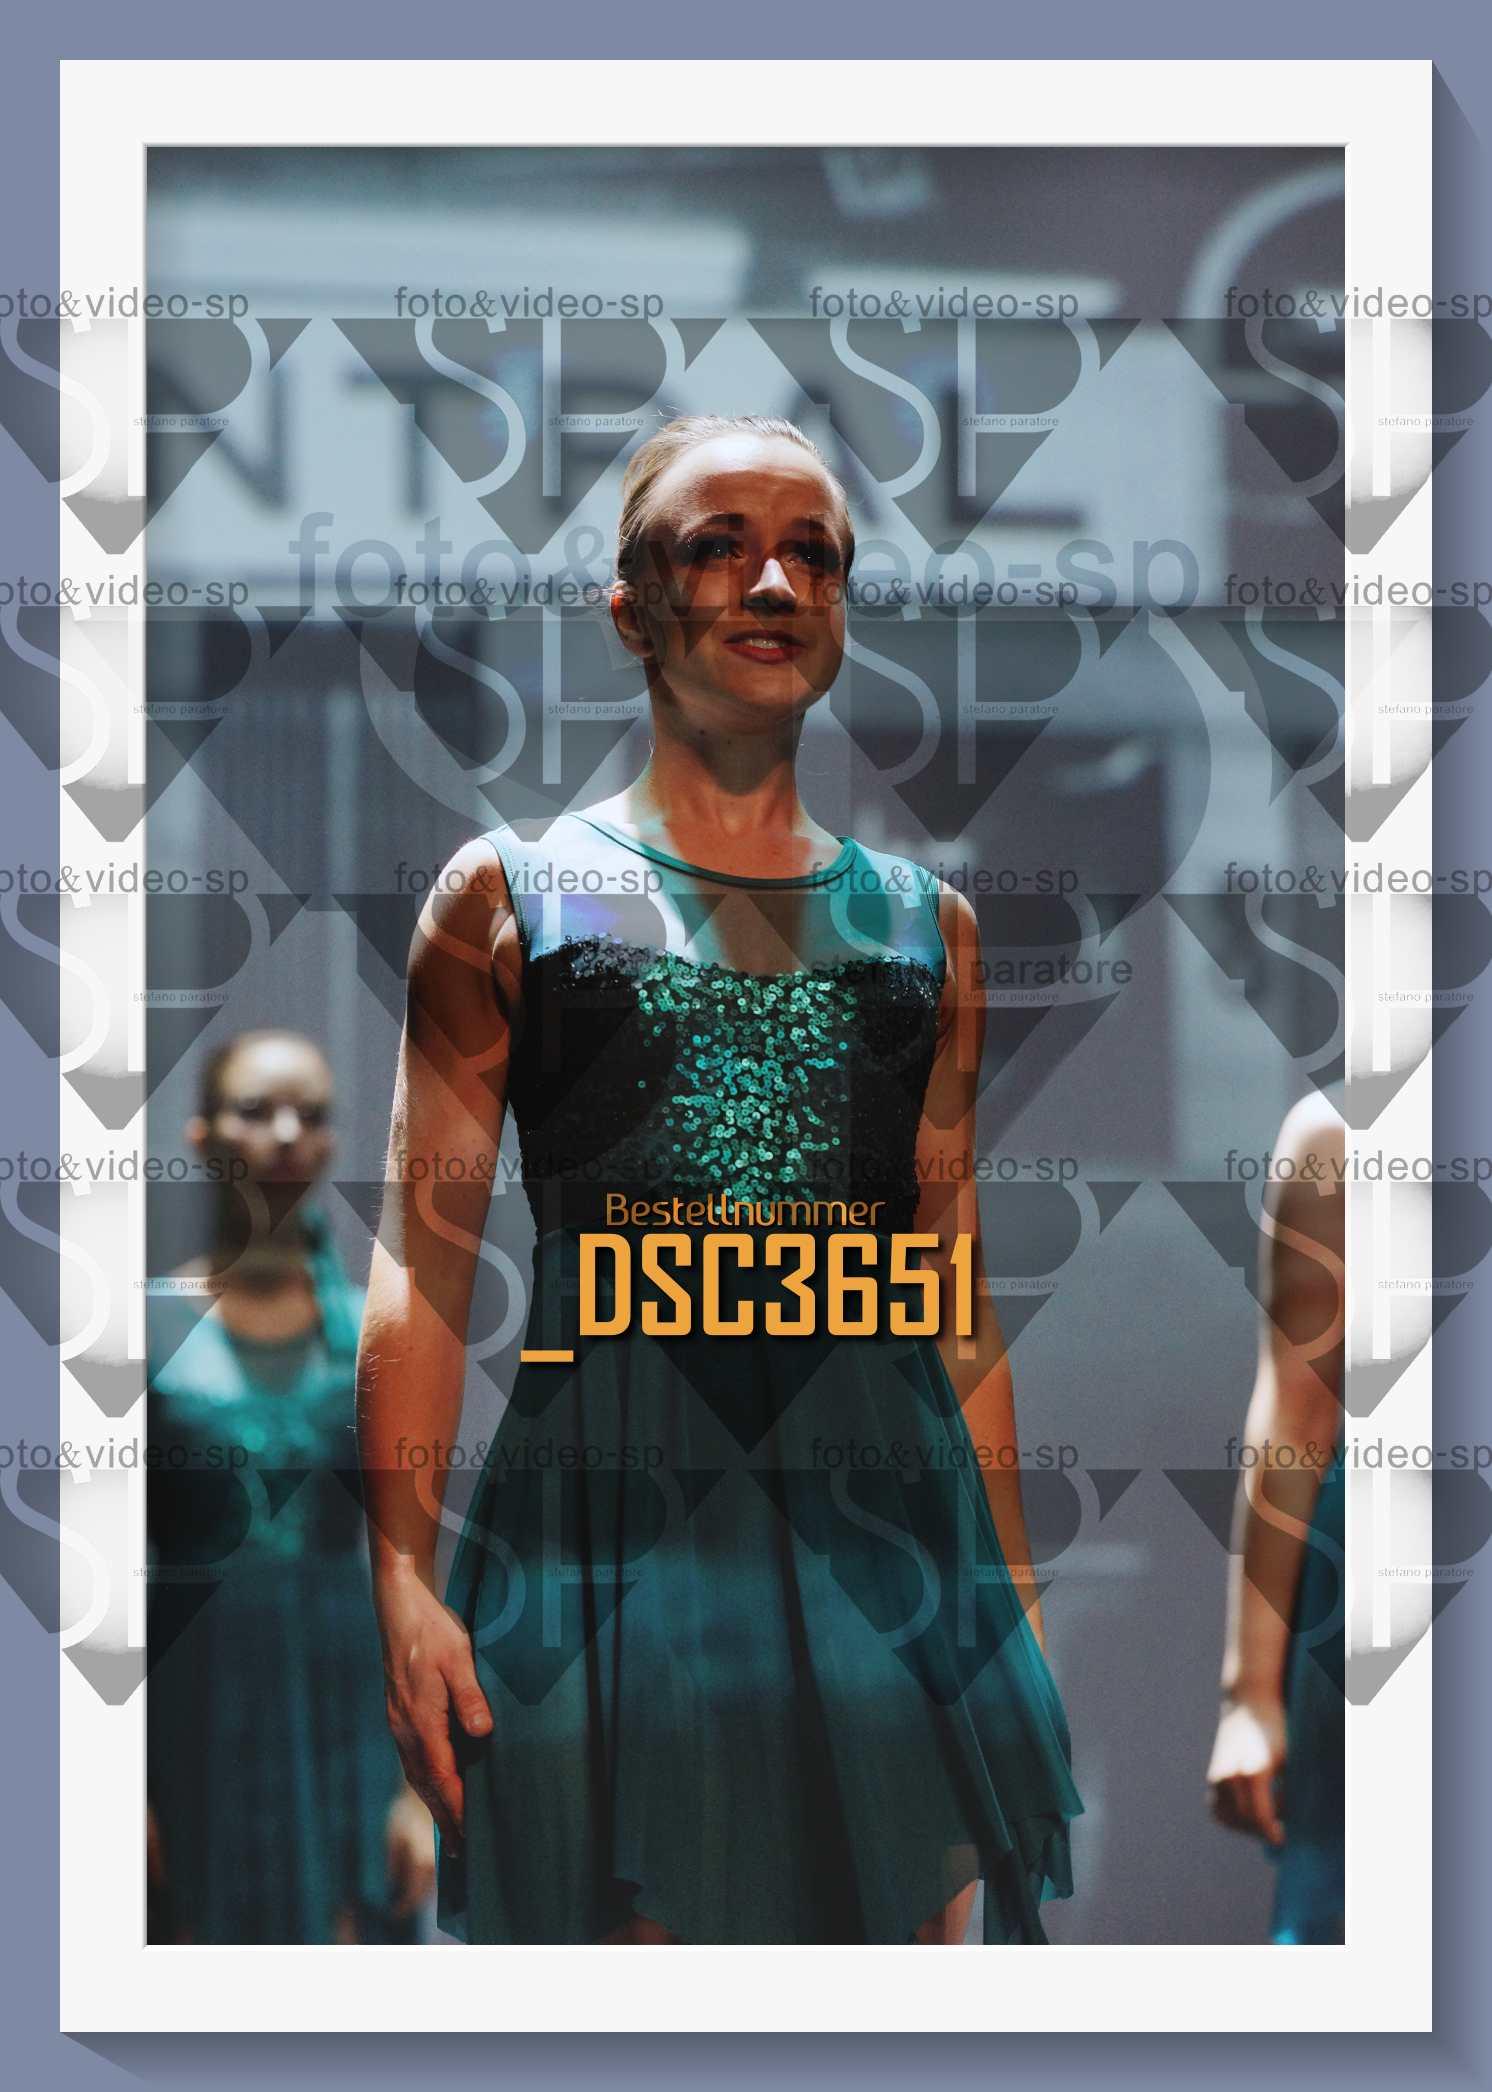 DSC3651